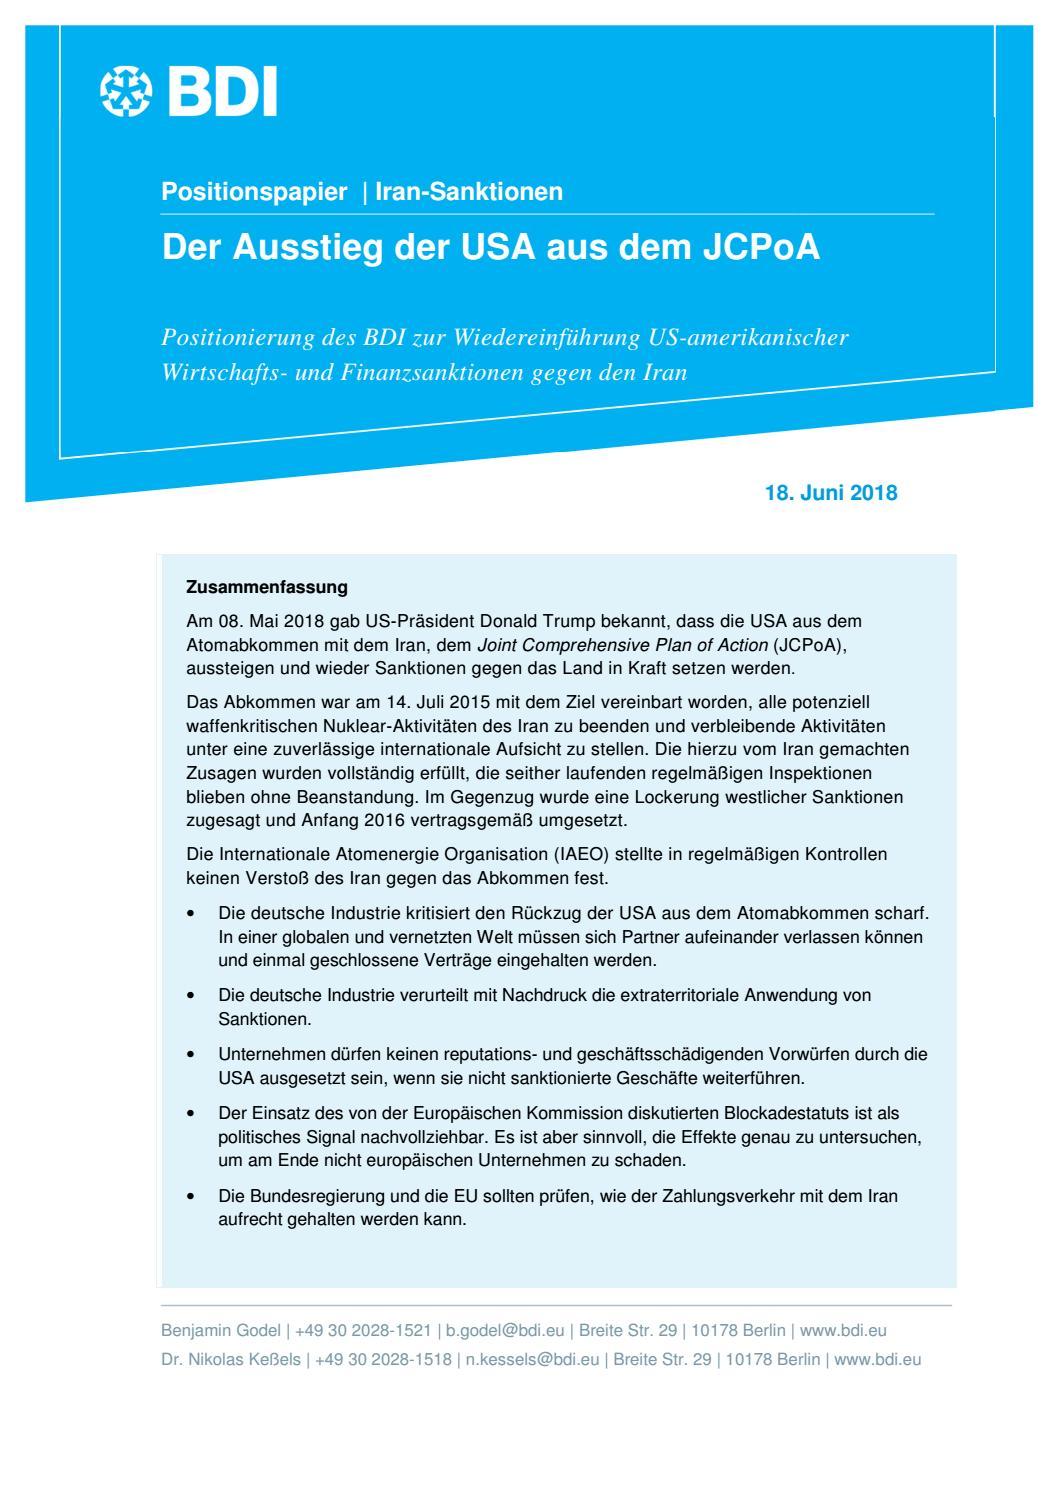 Ausgewählte Praxiseffekte Der Us Steuerreform Für Deutsche | Mainram